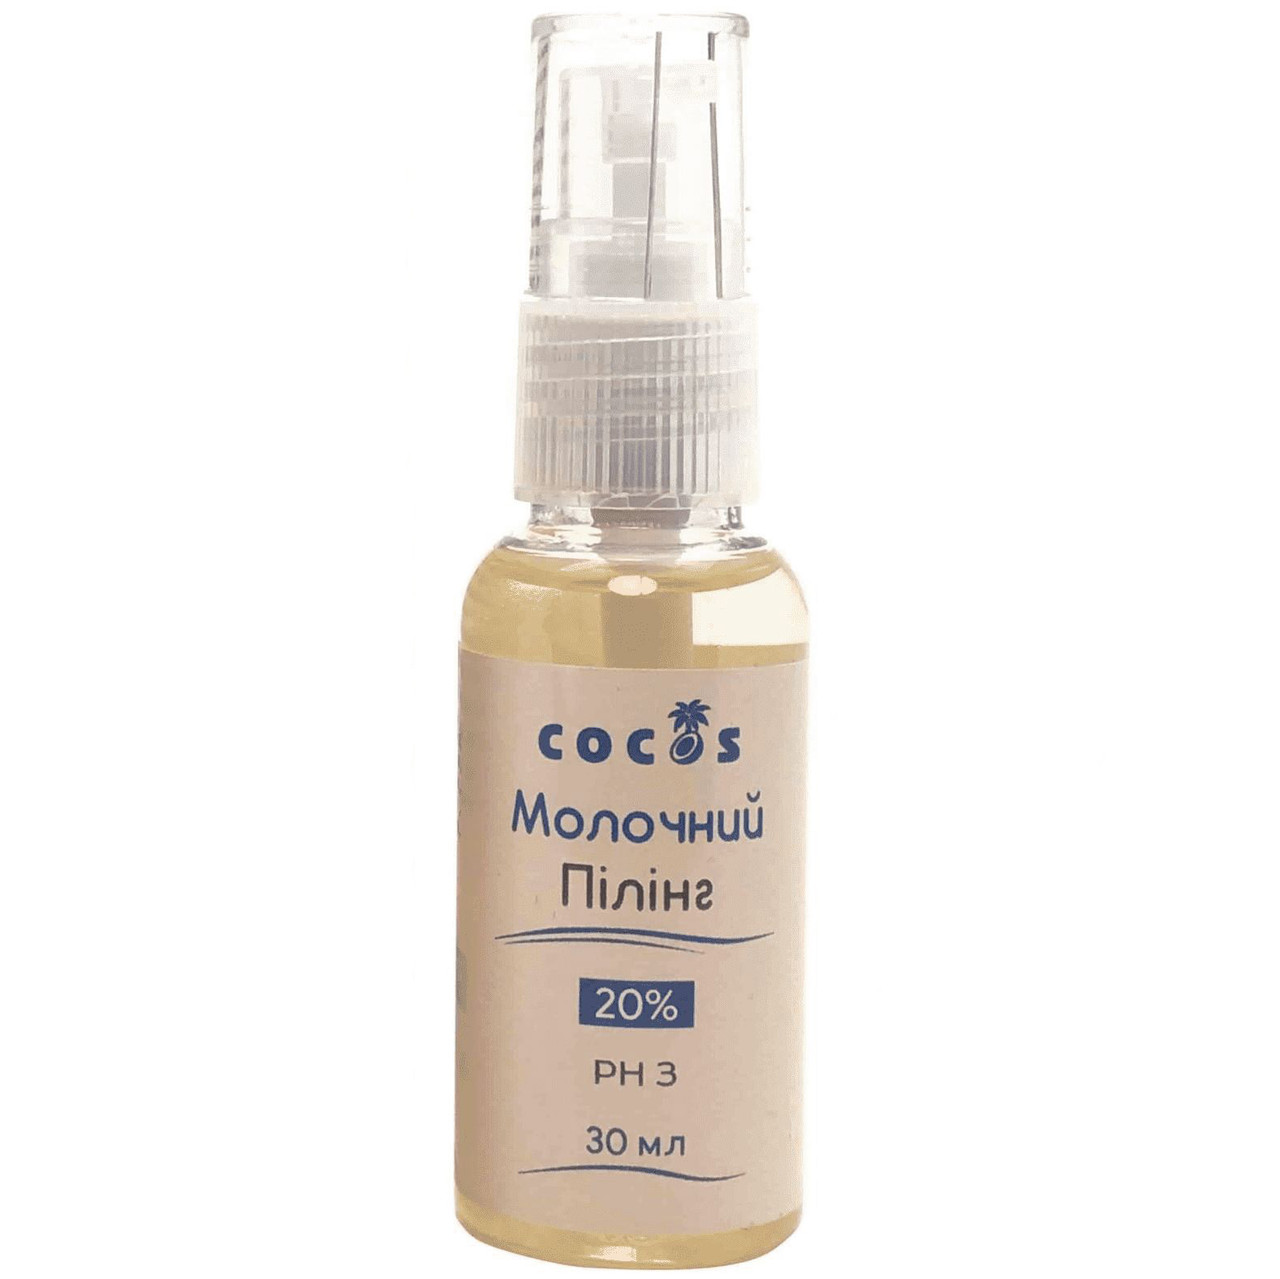 Пілінг Cocos 20% молочний 3 pH 30 мл